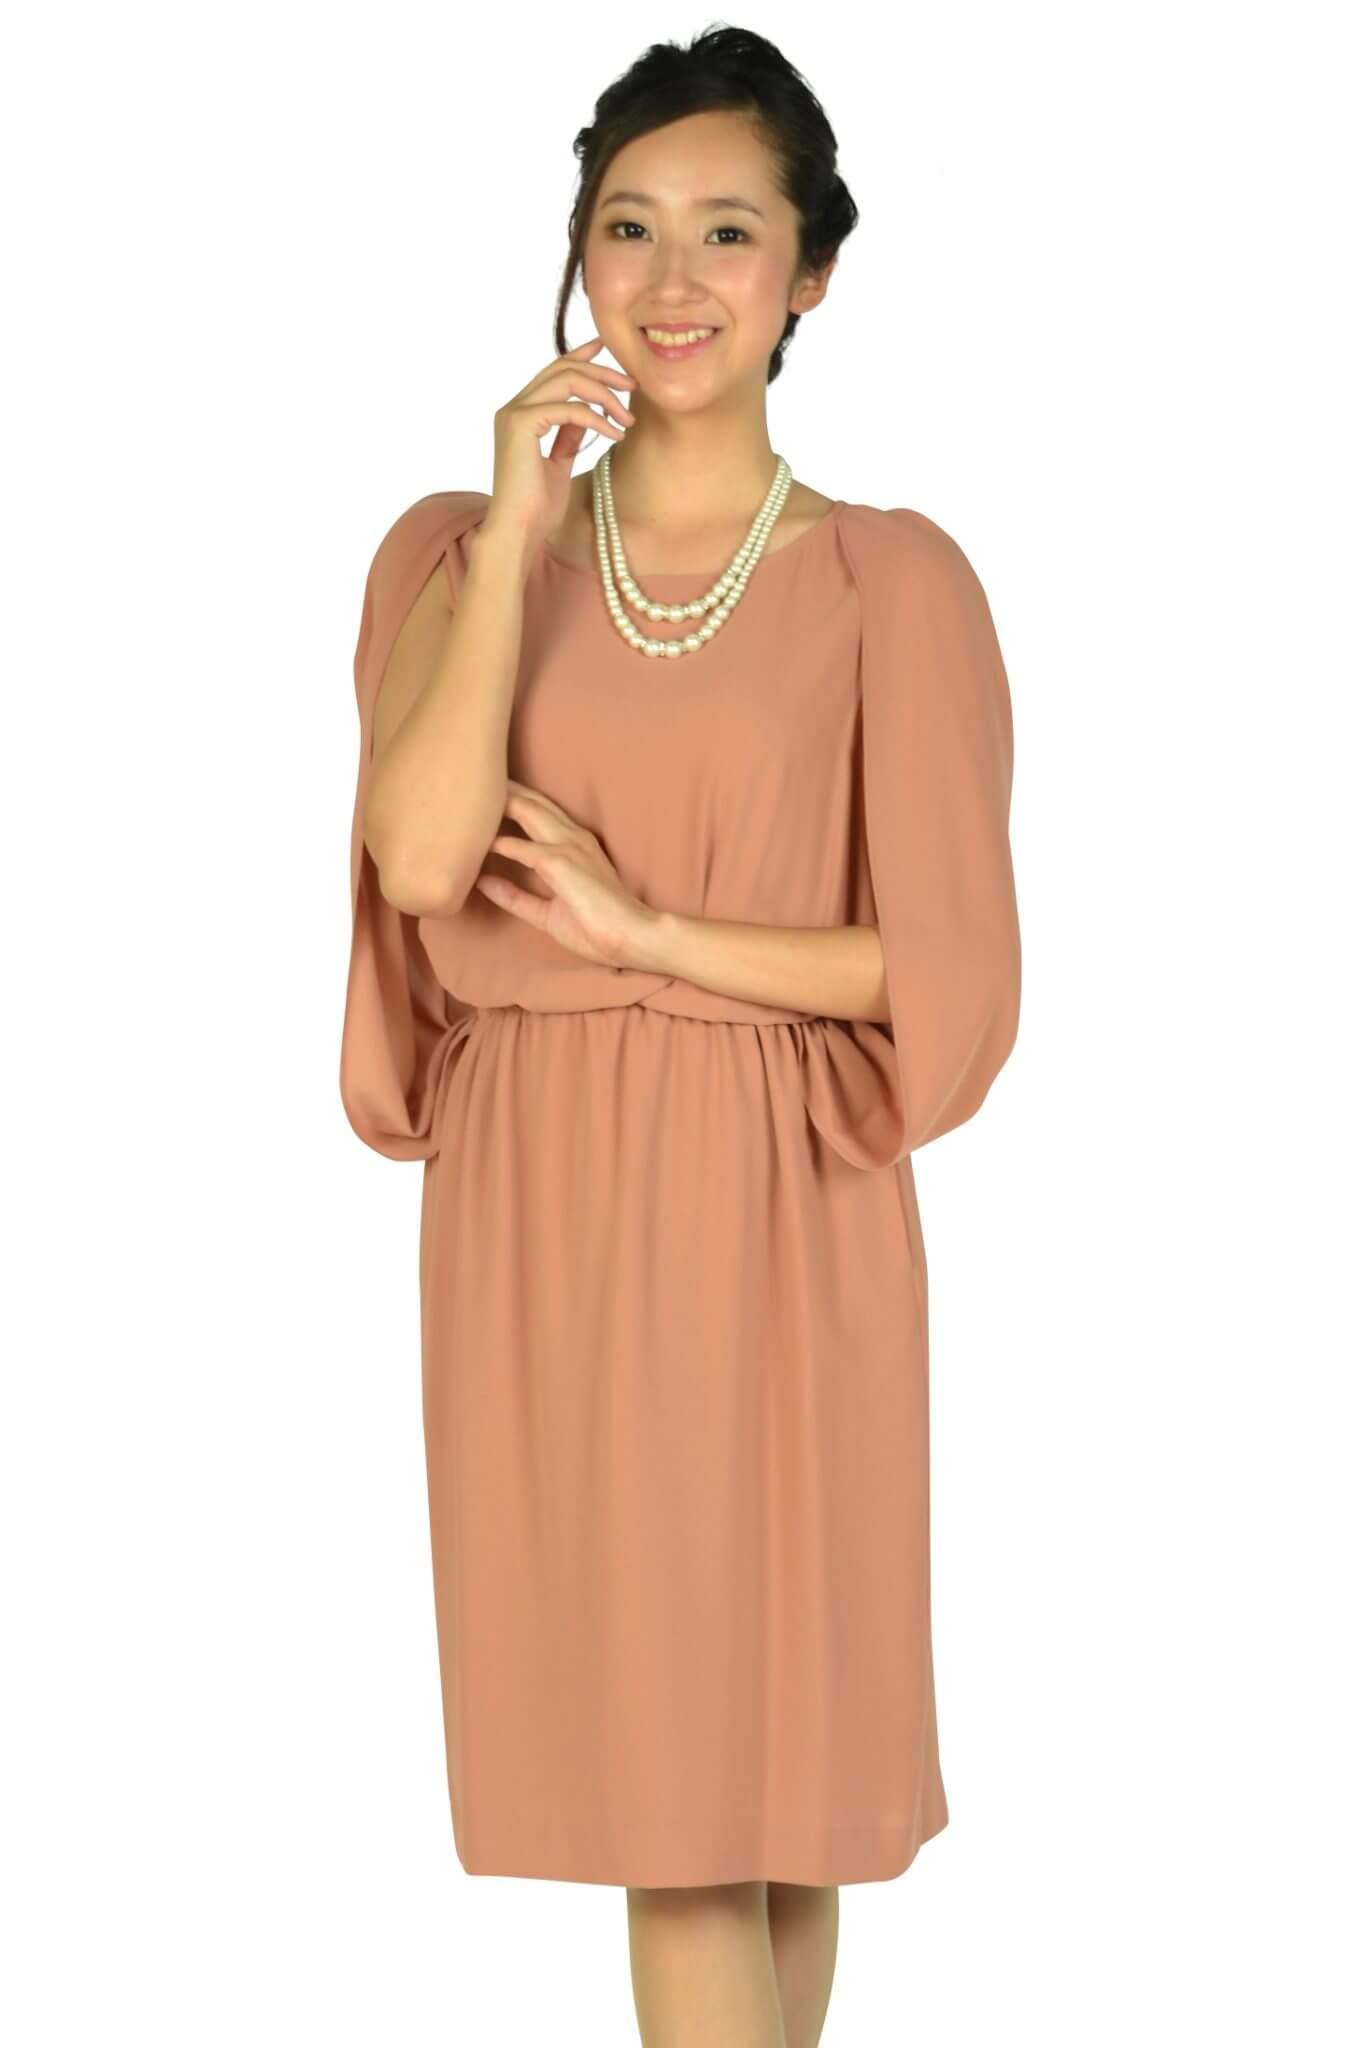 ユナイテッドアローズ (UNITED ARROWS)ケープ袖Iラインオレンジドレス